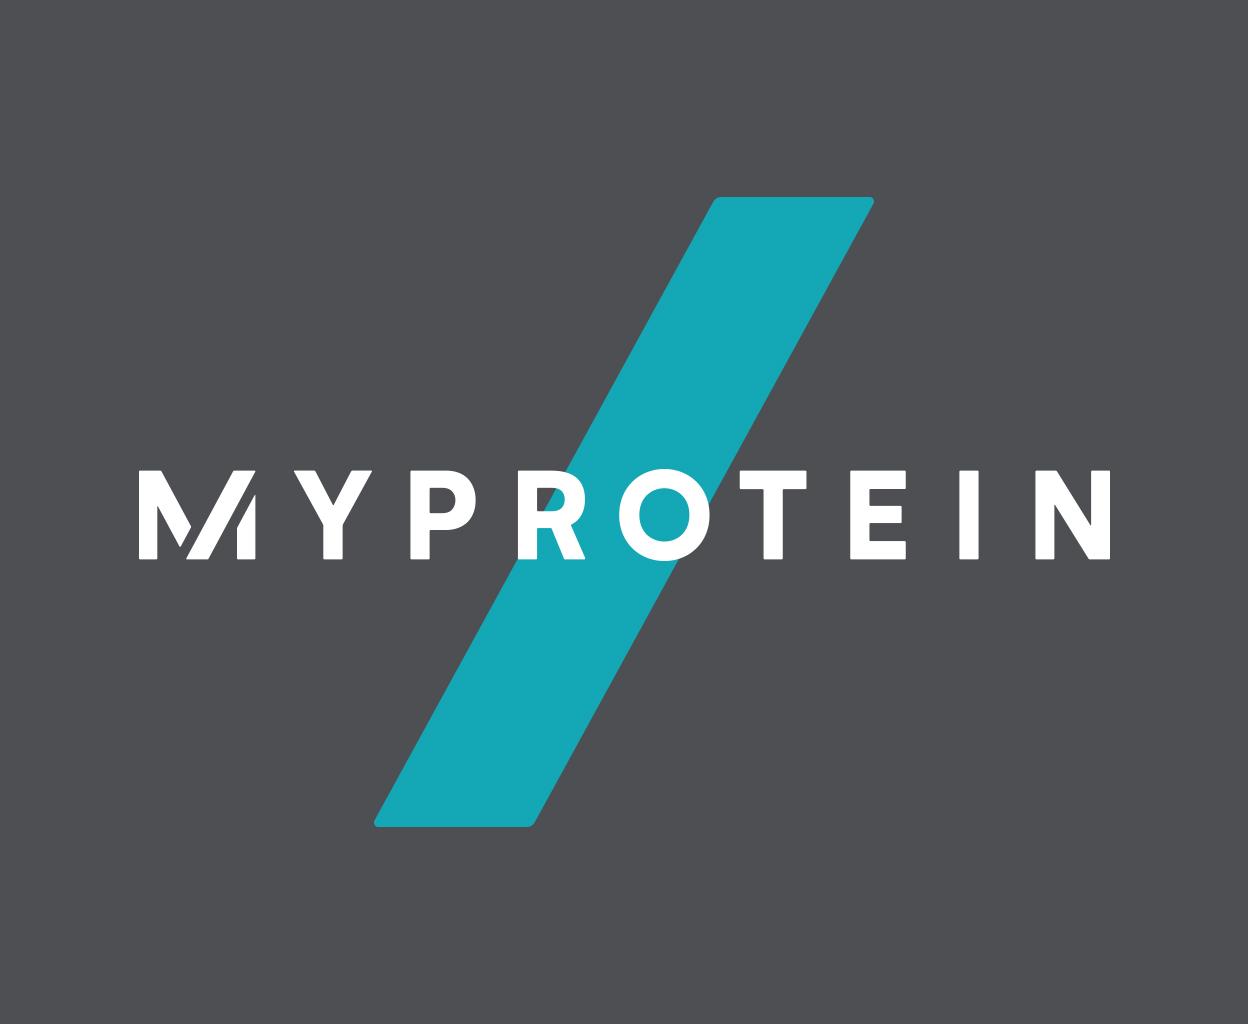 Myprotein APAC_logo